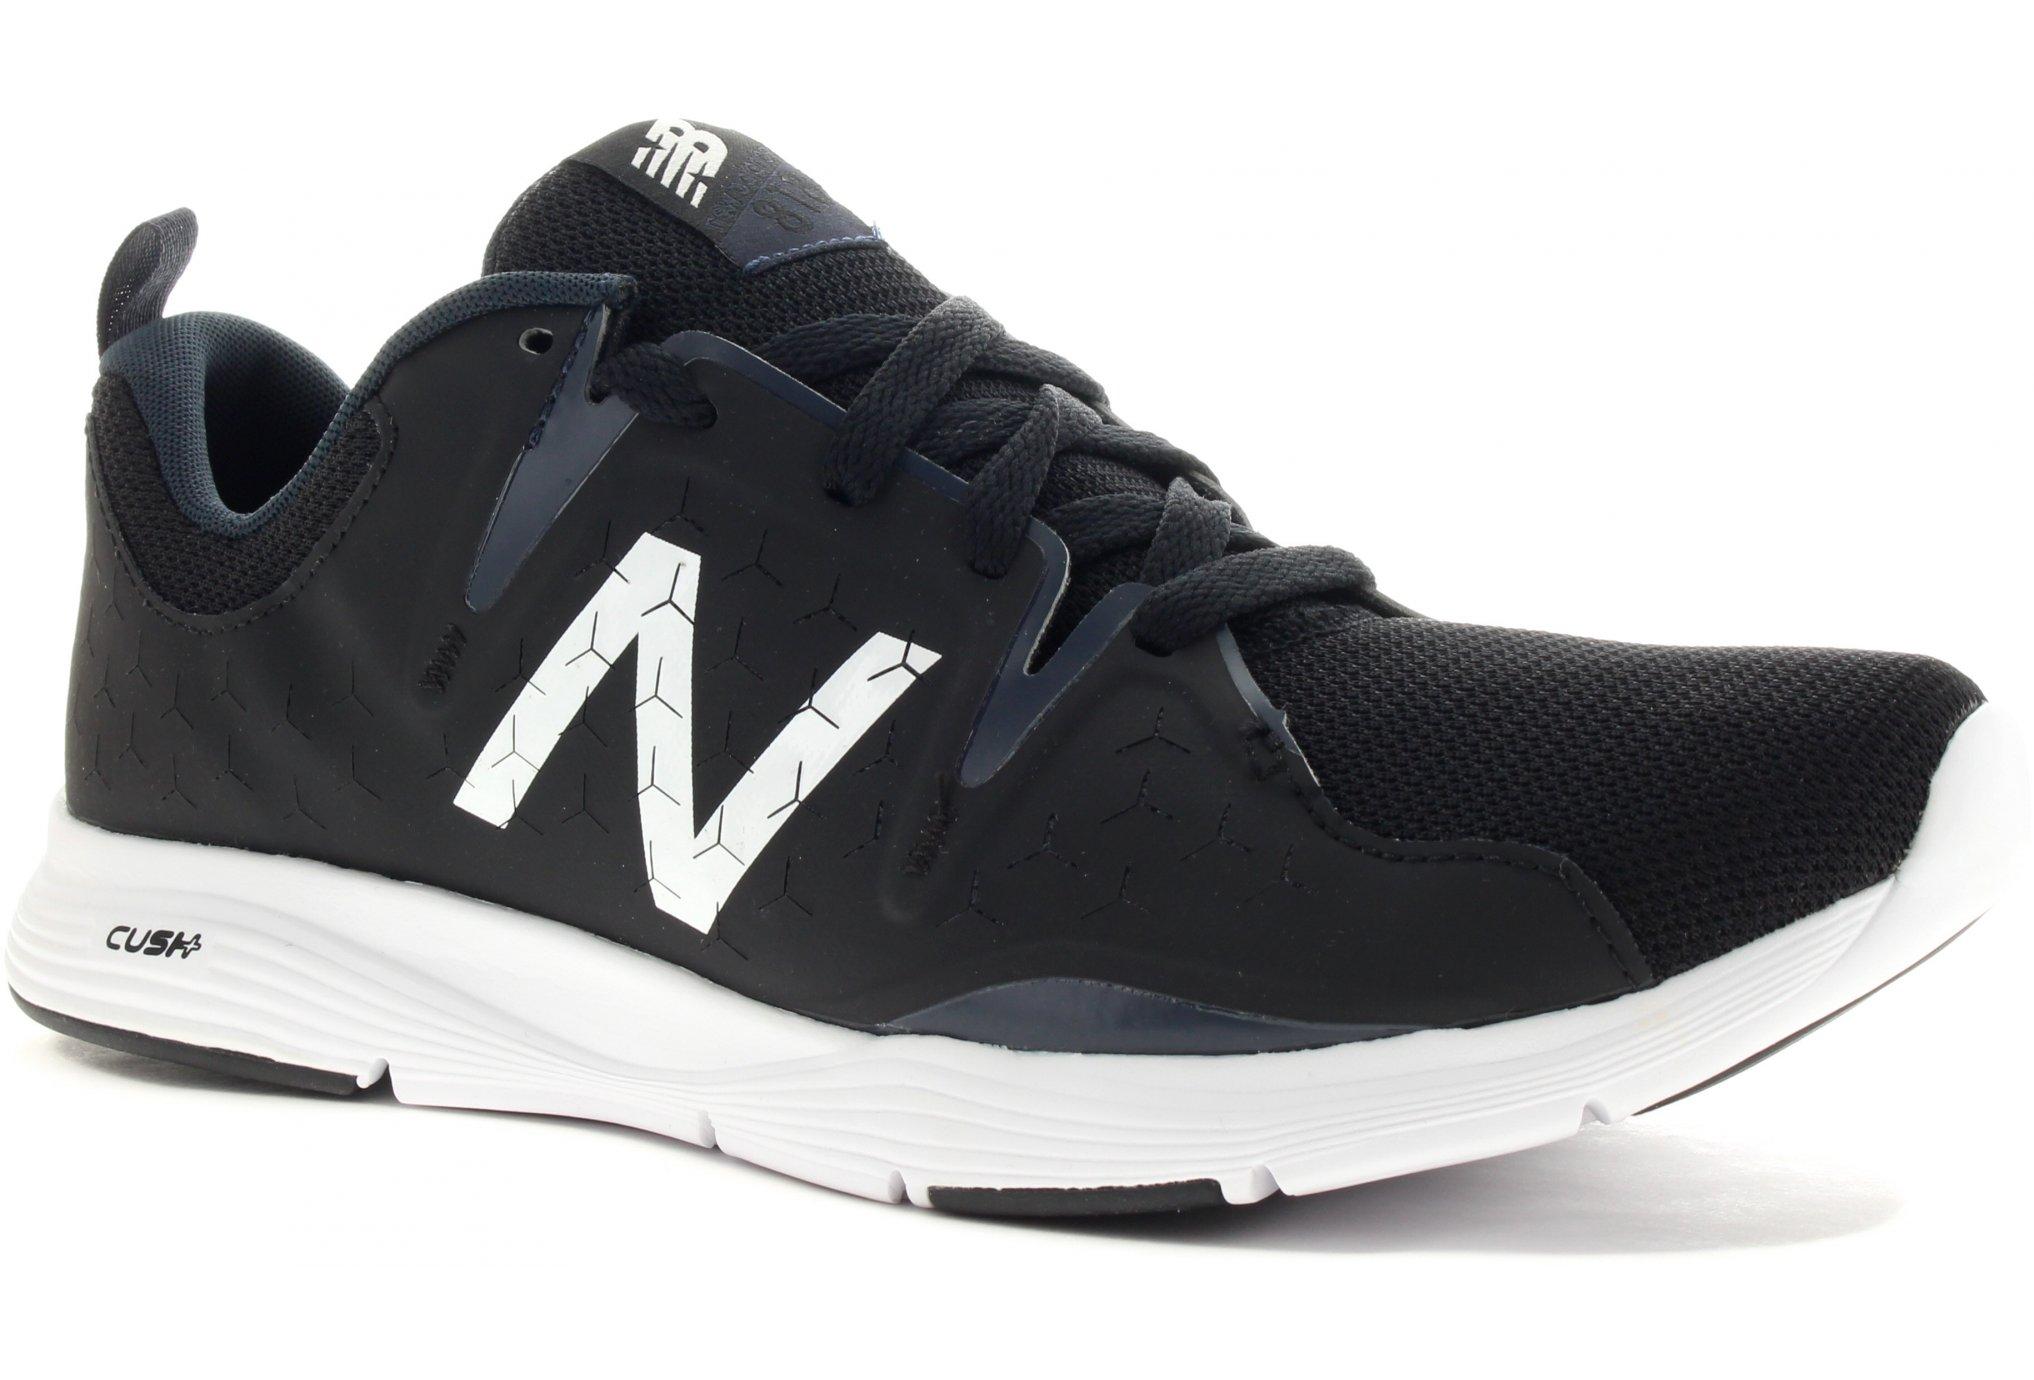 New Balance MX 818 - D Diététique Chaussures homme